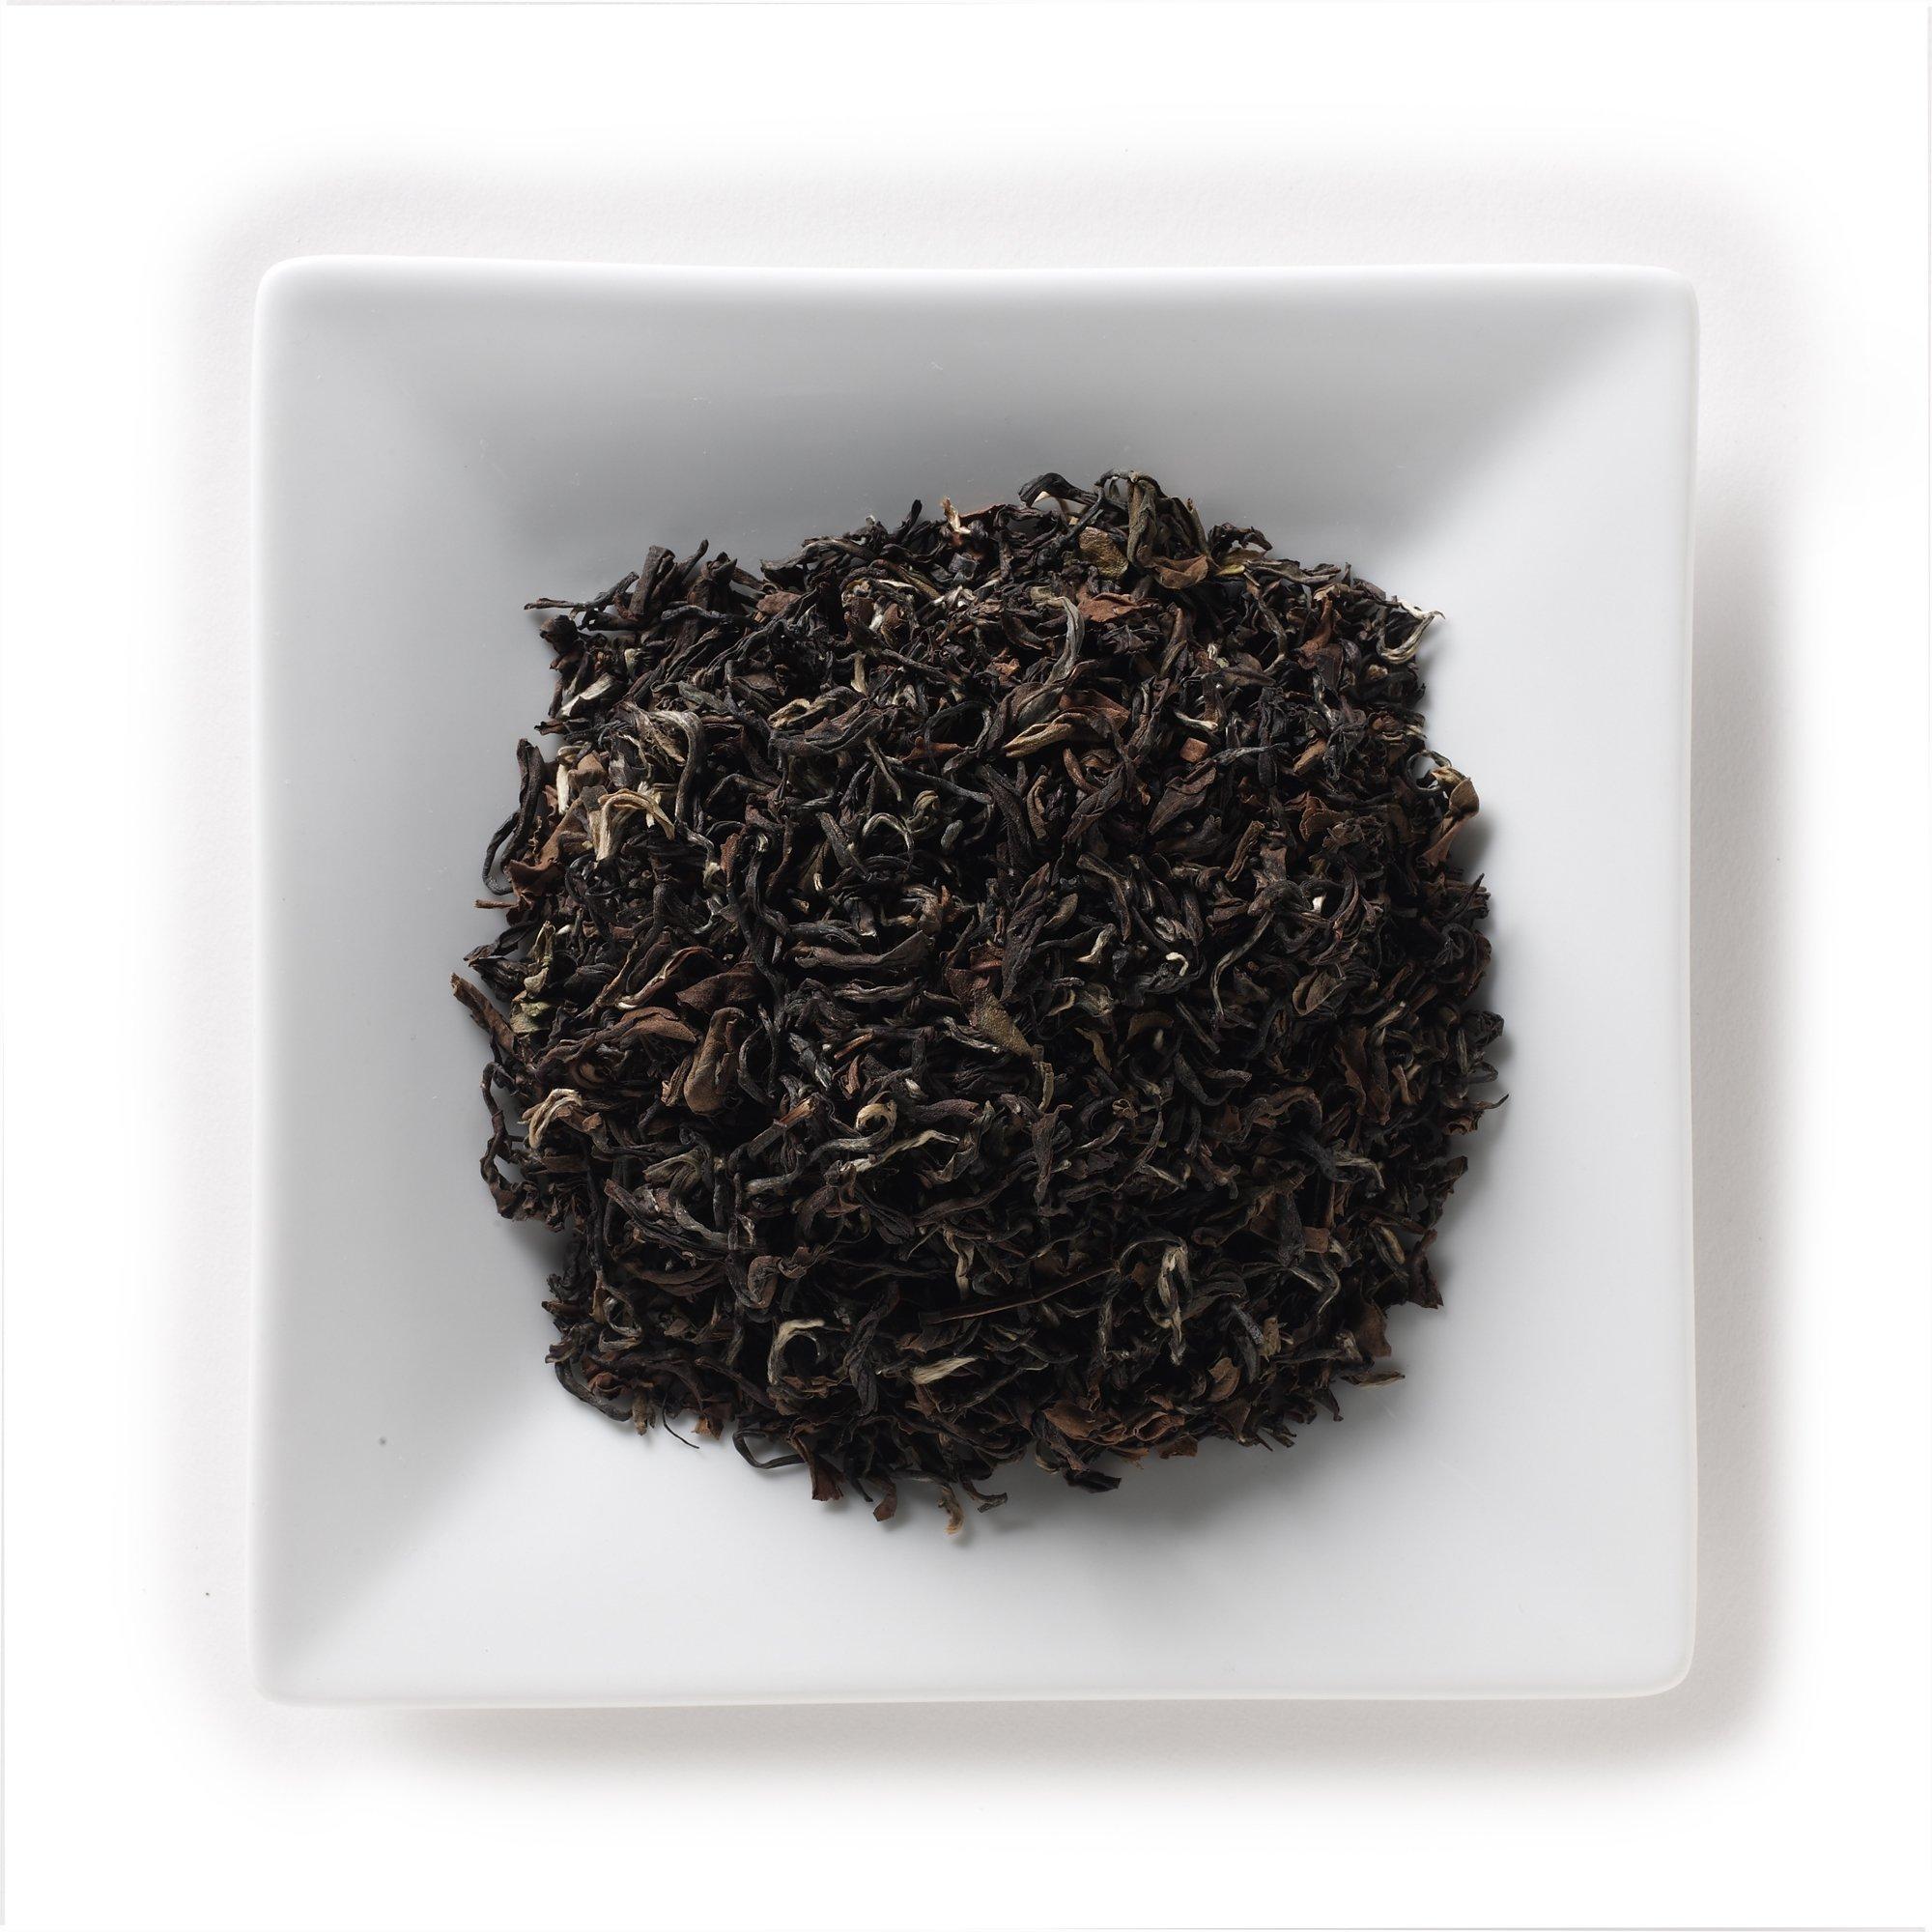 Mahamosa Darjeeling Indian Oolong Tea and Tea Infuser Set: 8 oz Singbulli Second Flush Oolong Tea, 1 Stainless Steel Tea Ball Infuser (Bundle- 2 items)